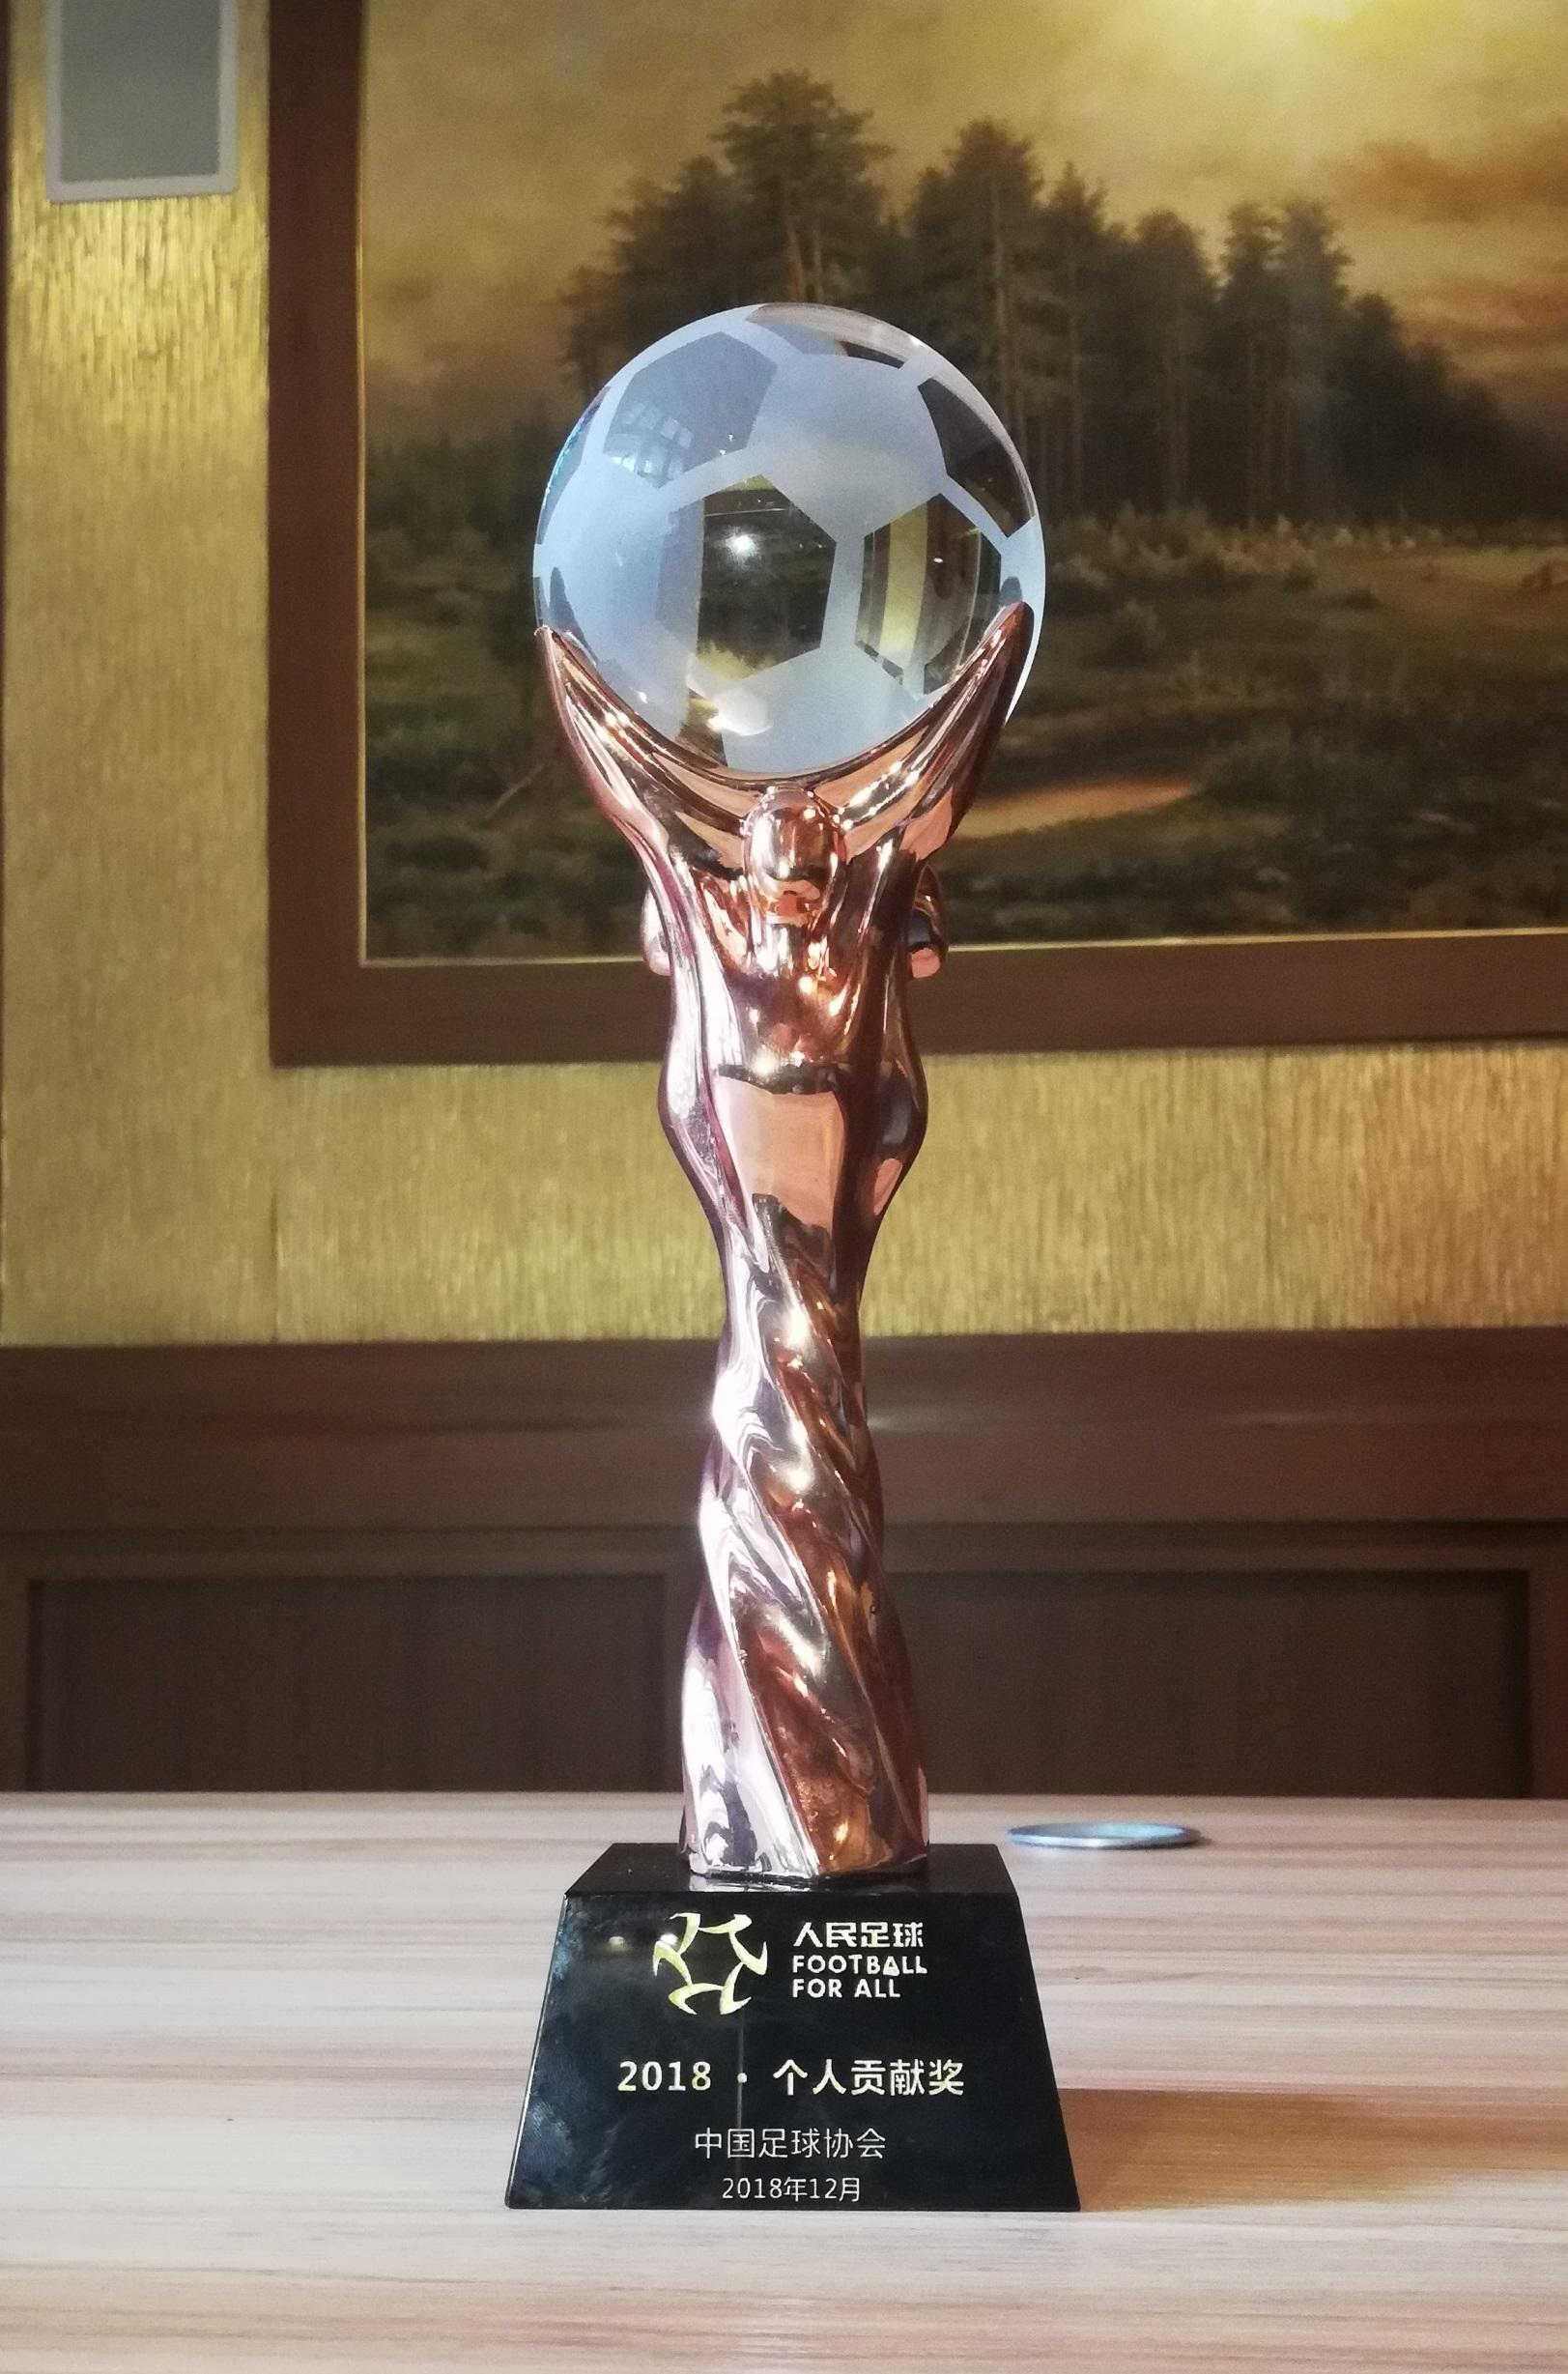 中国看个球在线观看协会-2018·个人贡献奖-马明宇